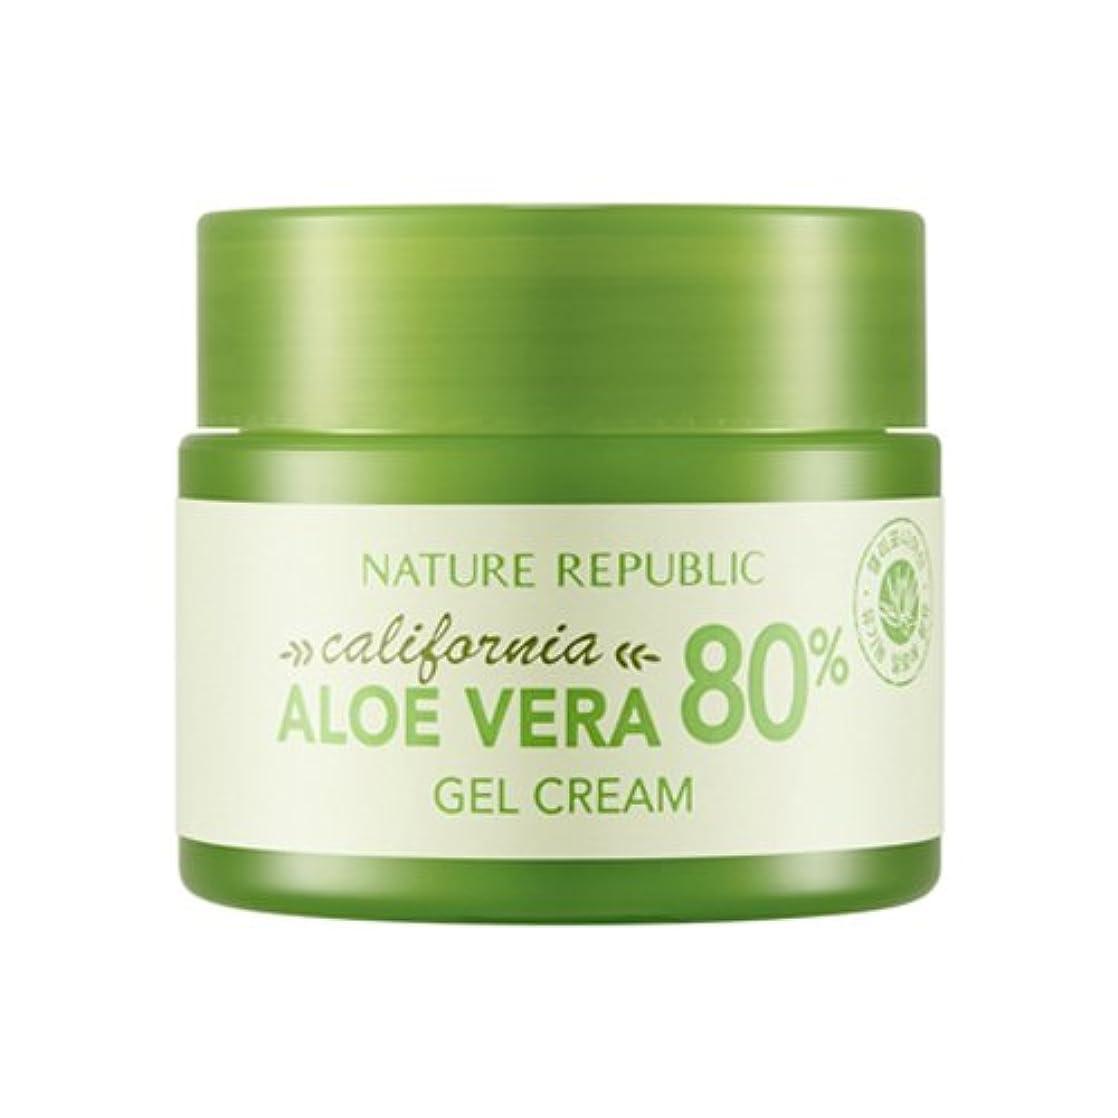 [ネイチャーリパブリック] Nature Republic カリフォルニアアロエベラ80%のゲルクリーム California Aloe Vera 80% Gel Cream [並行輸入品]